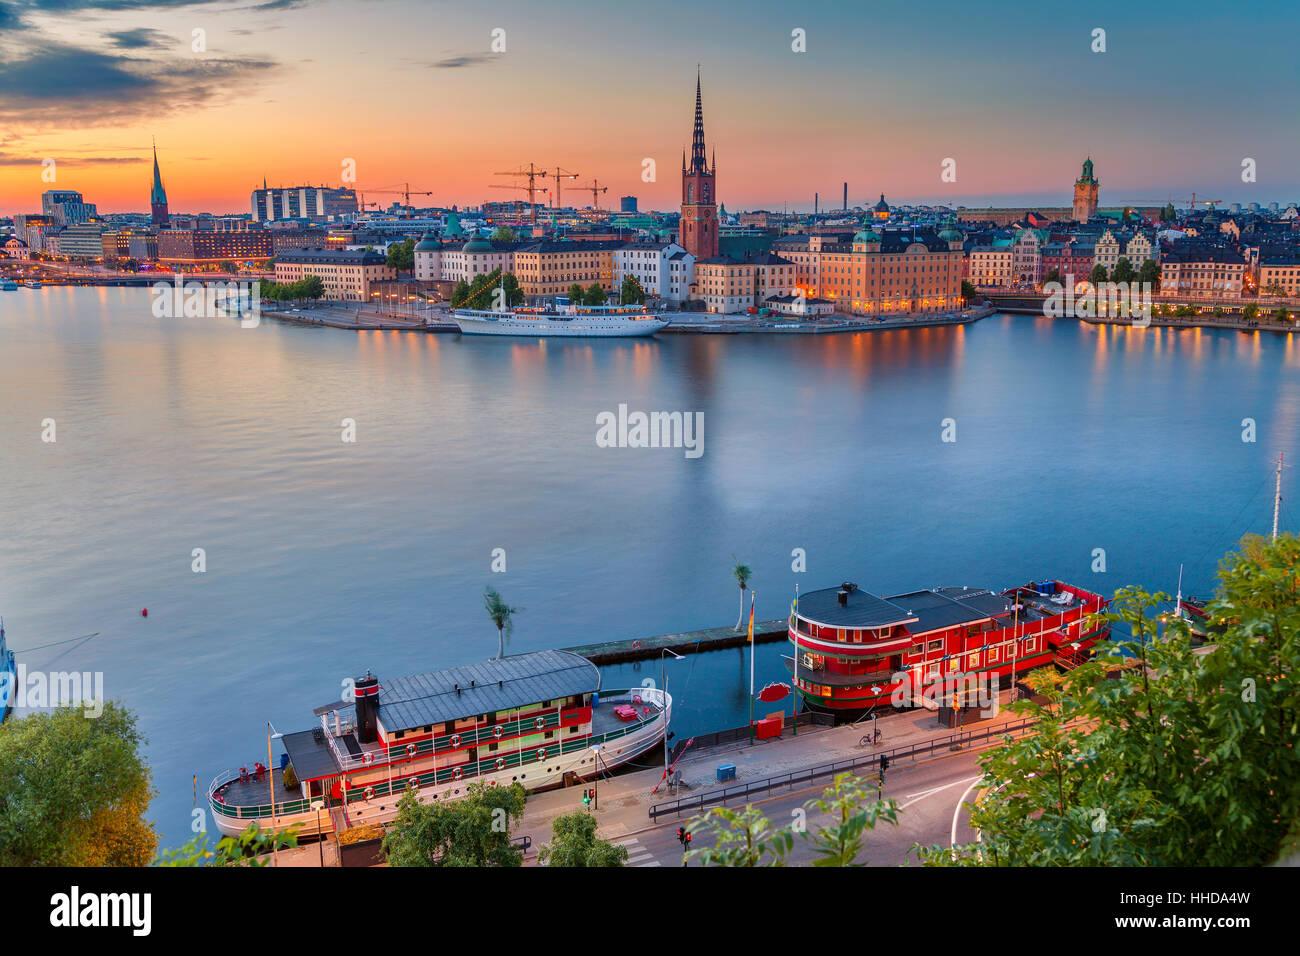 Stoccolma. Cityscape immagine di Stoccolma in Svezia durante il blu crepuscolo ora. Immagini Stock